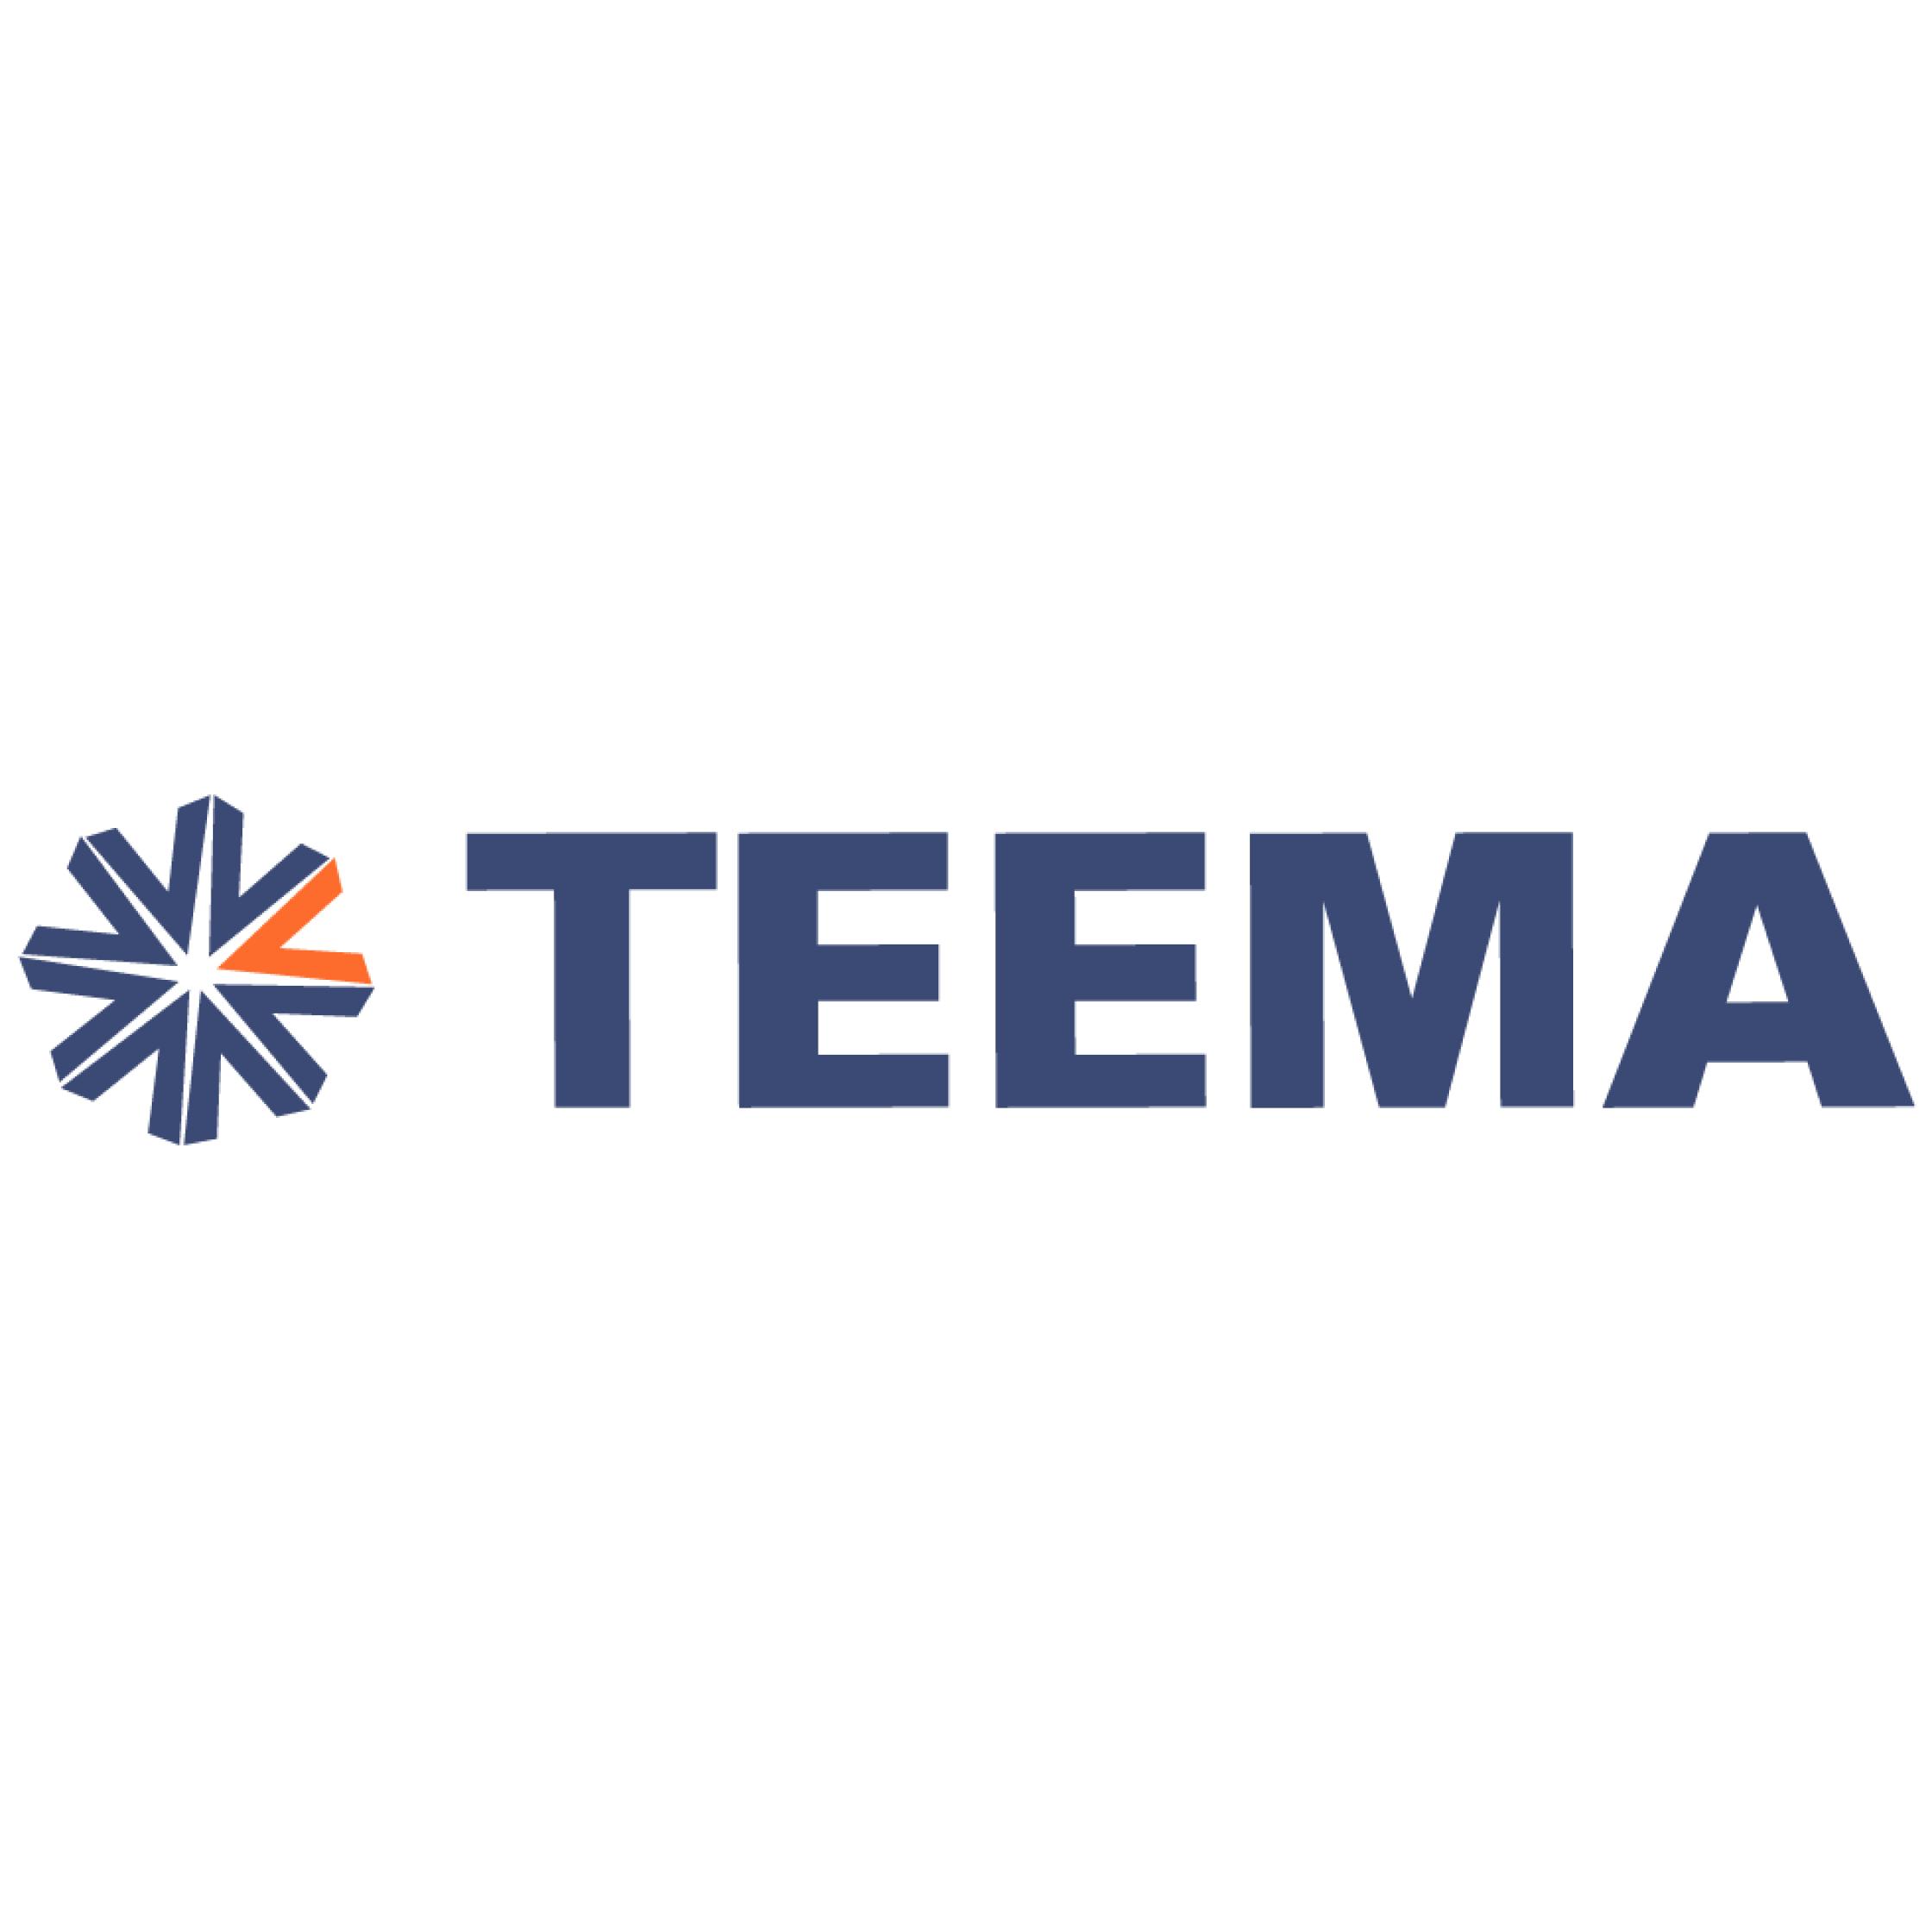 Teema logo